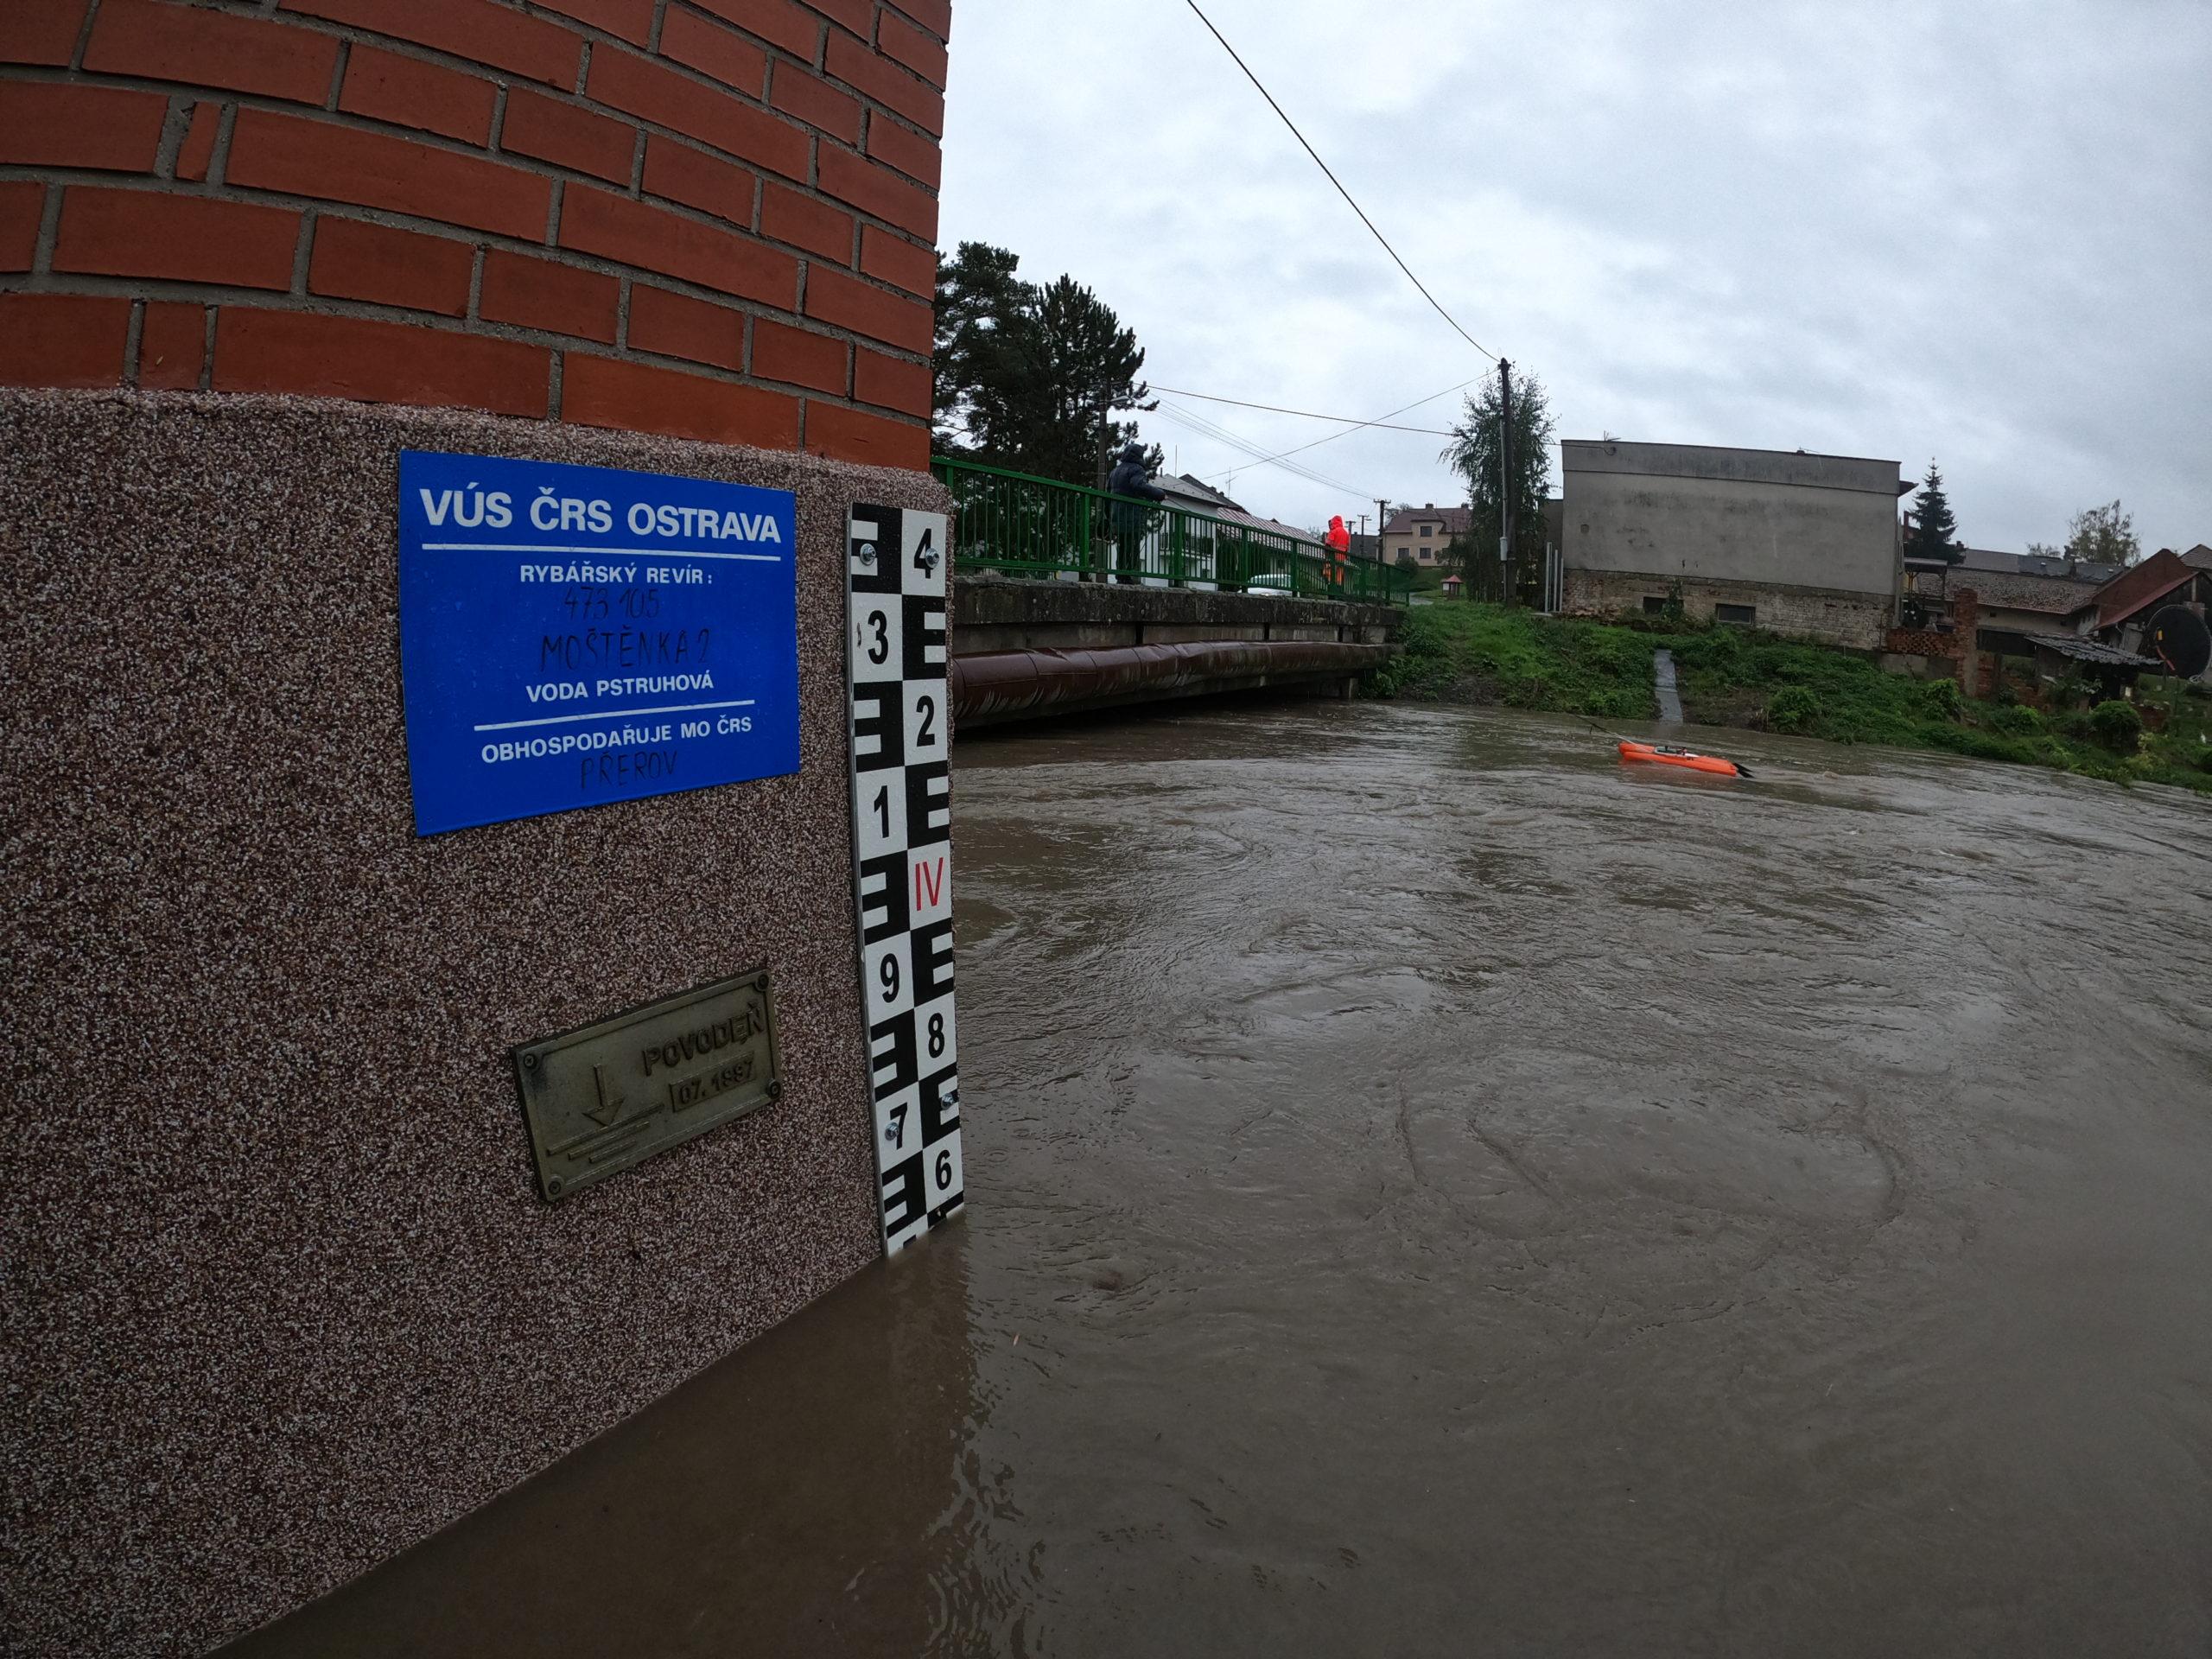 Povodně očima hydrologů1 min čtení